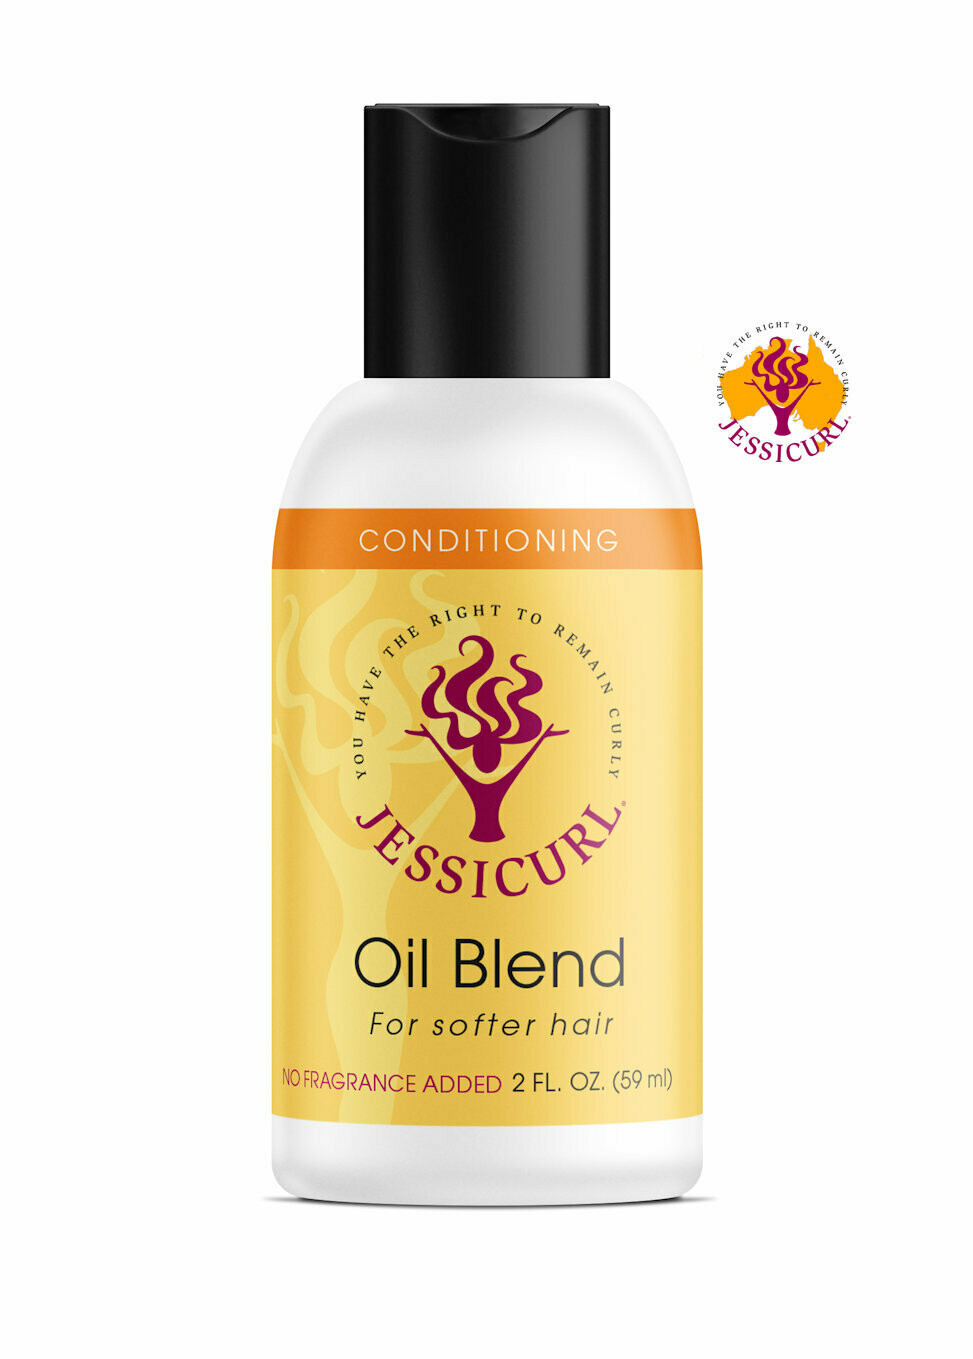 Jessicurl Oil Blend 59ml No added Fragrance